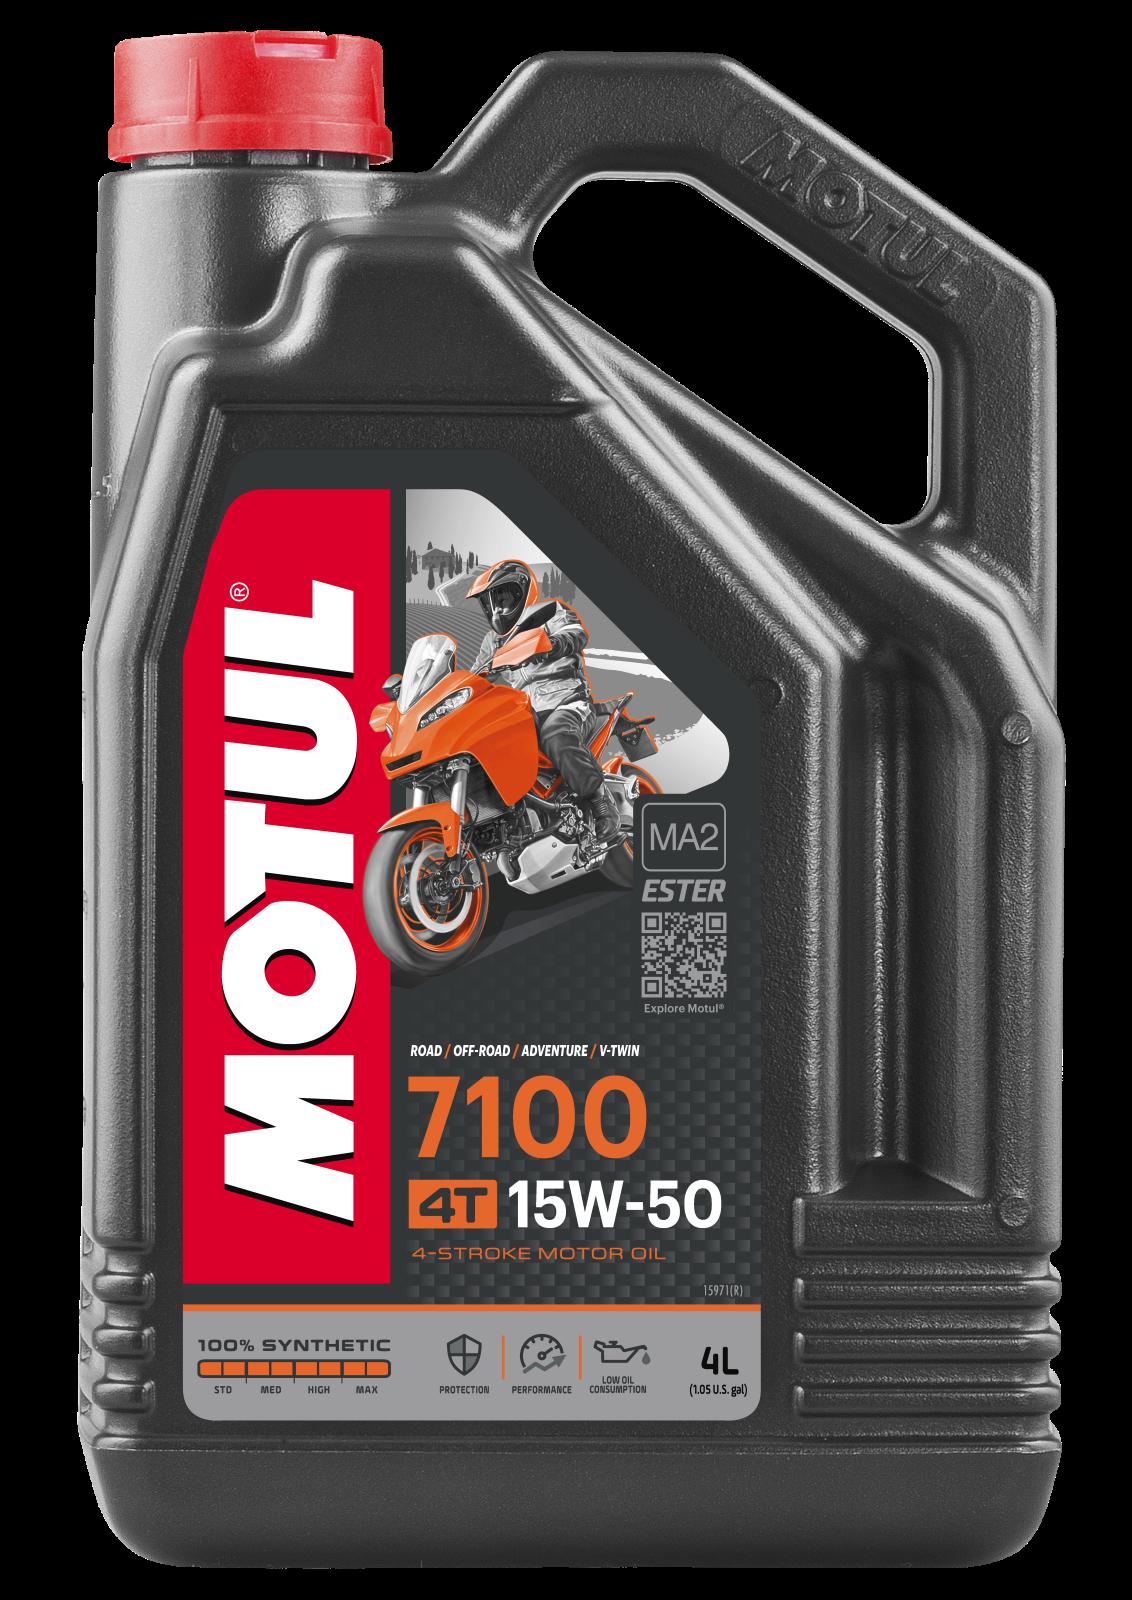 MOTUL AG MOTUL 7100 4T 15W-50 4L